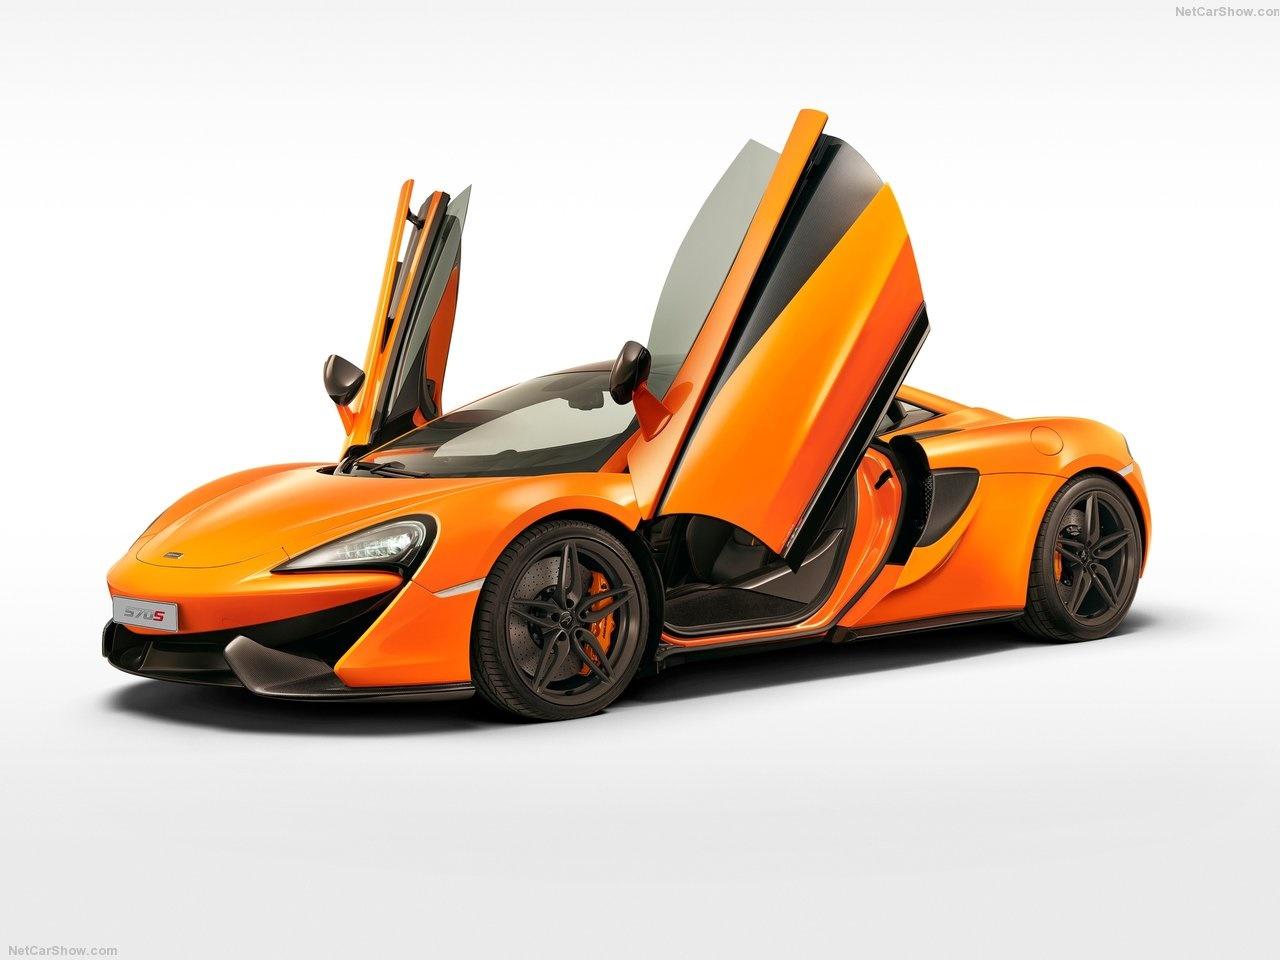 570 اس، کاربردیترین و دستیافتنیترین خودروی مکلارن!